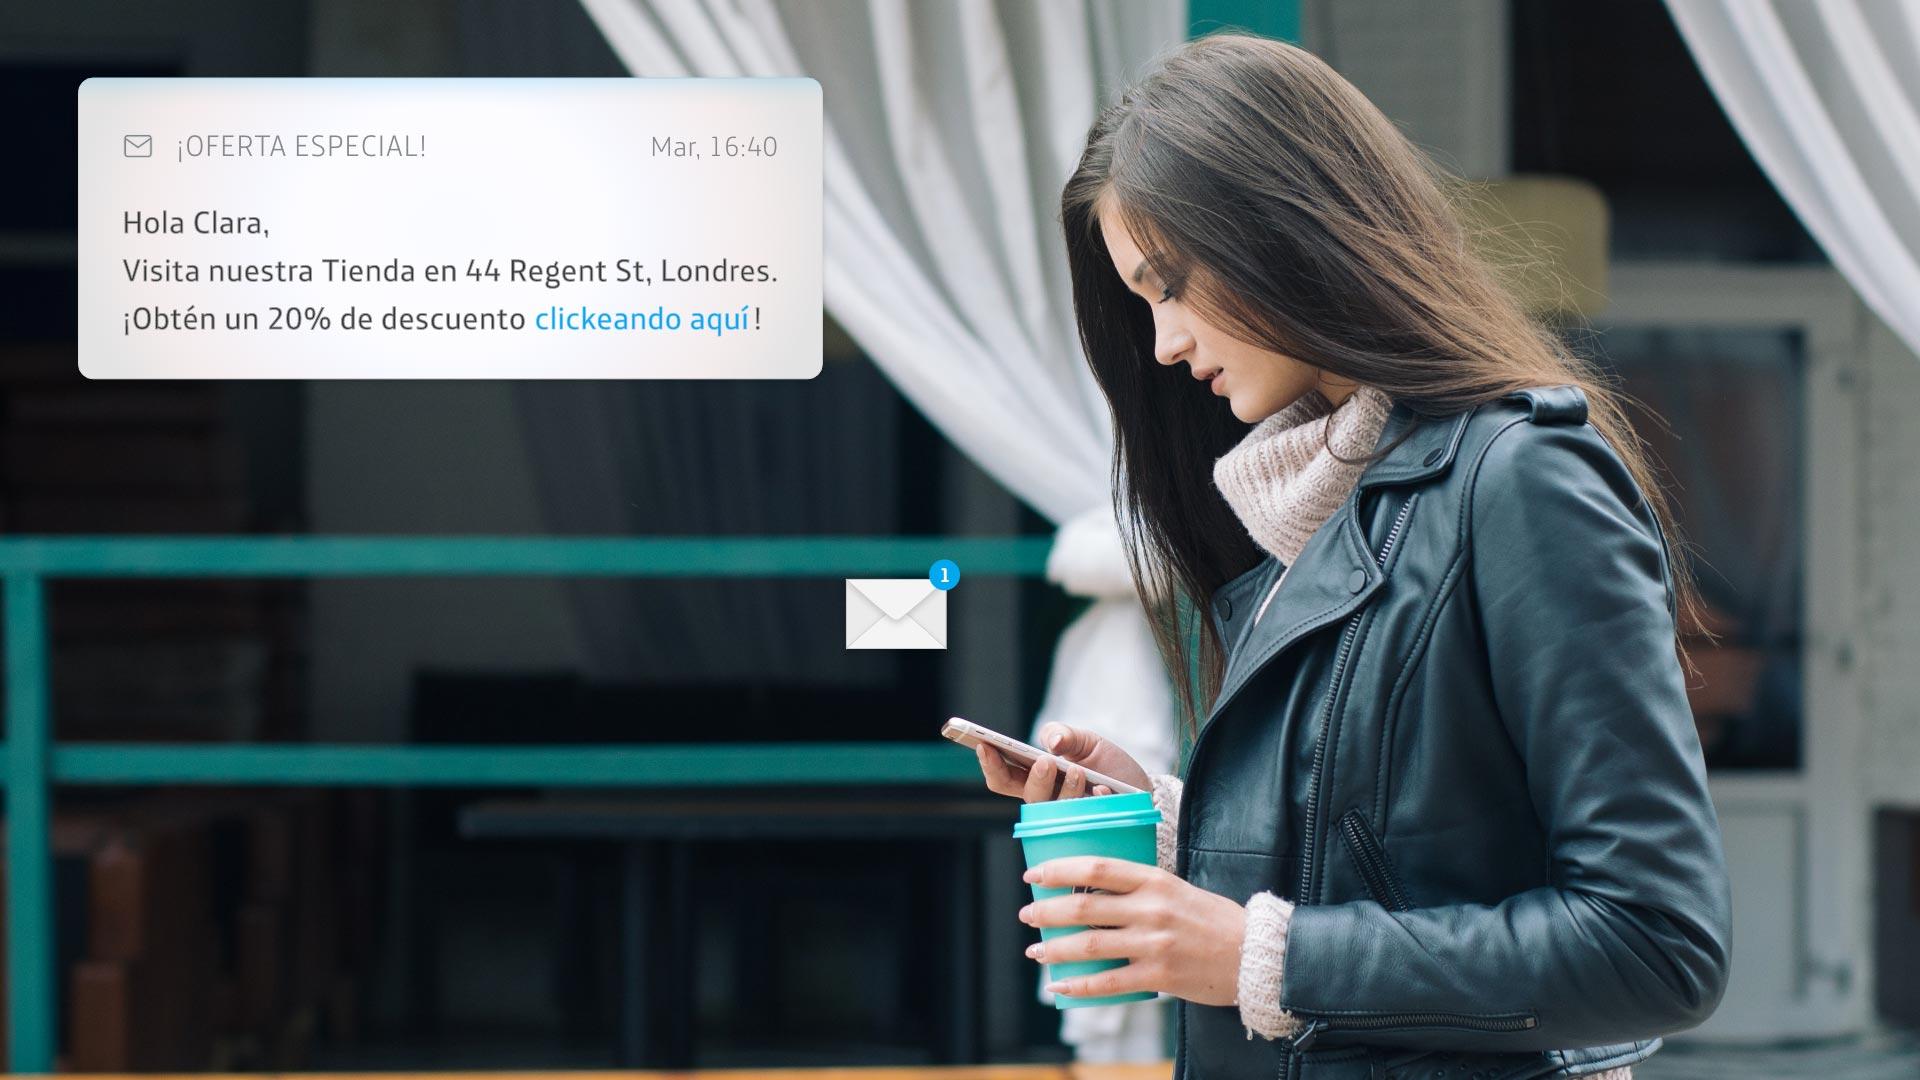 Ofrecemos a la marca la posibilidad de impactar a clientes que previamente han aceptado recibir mensajes de comunicación